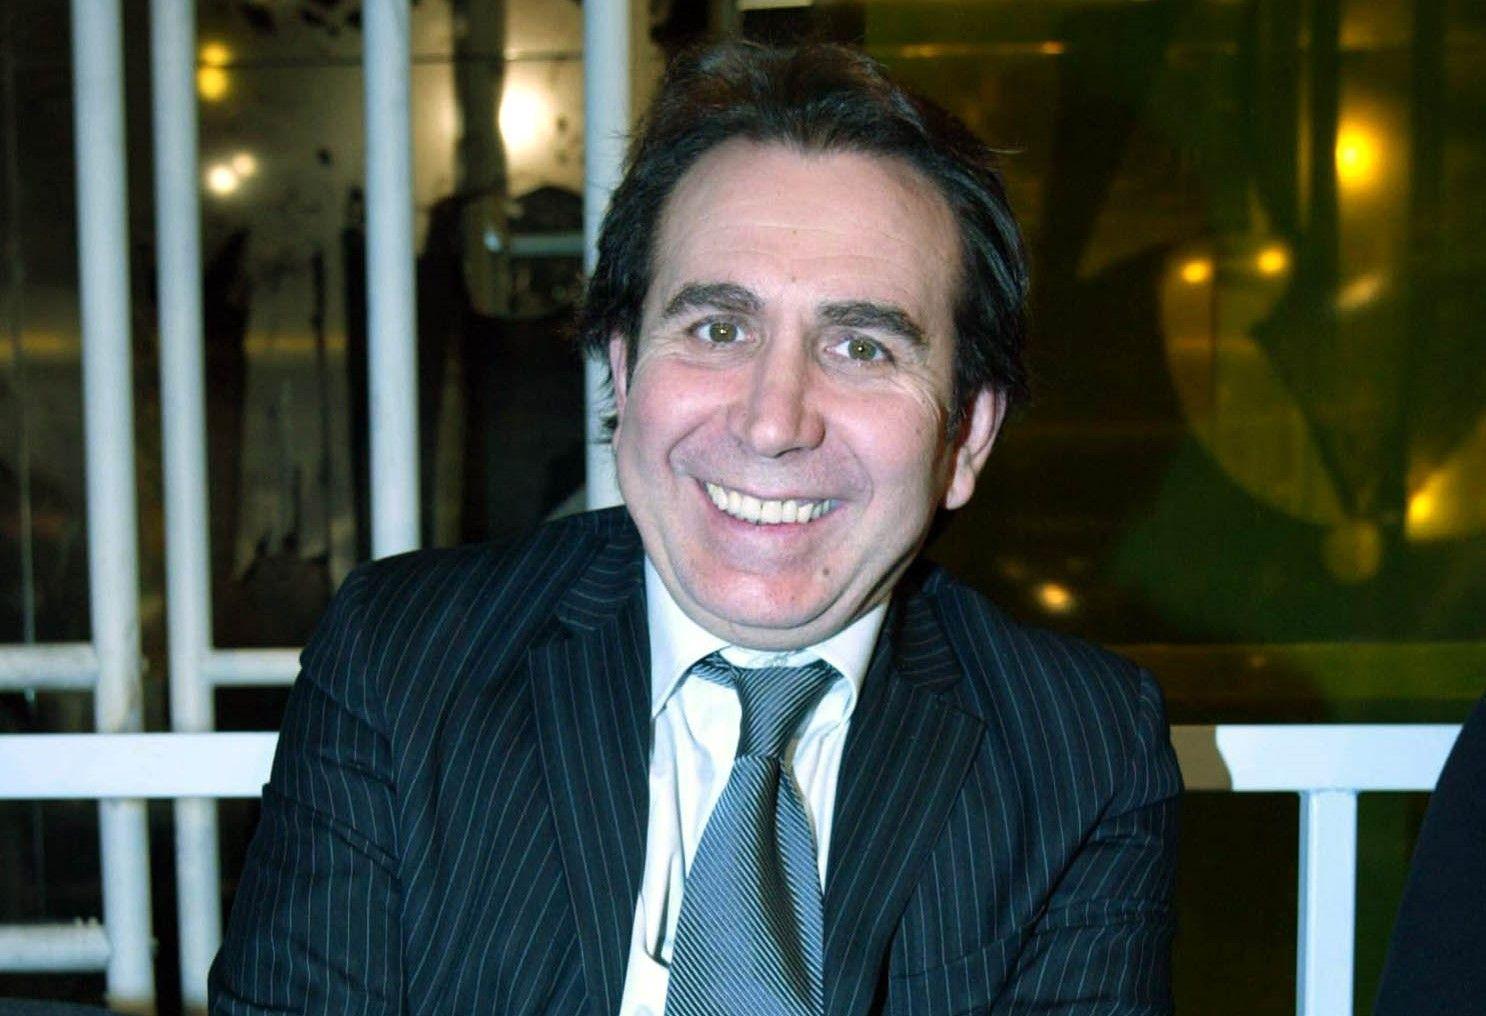 Giucas Casella: 'Da piccolo ipnotizzavo animali e in paese mi consideravano indemoniato'